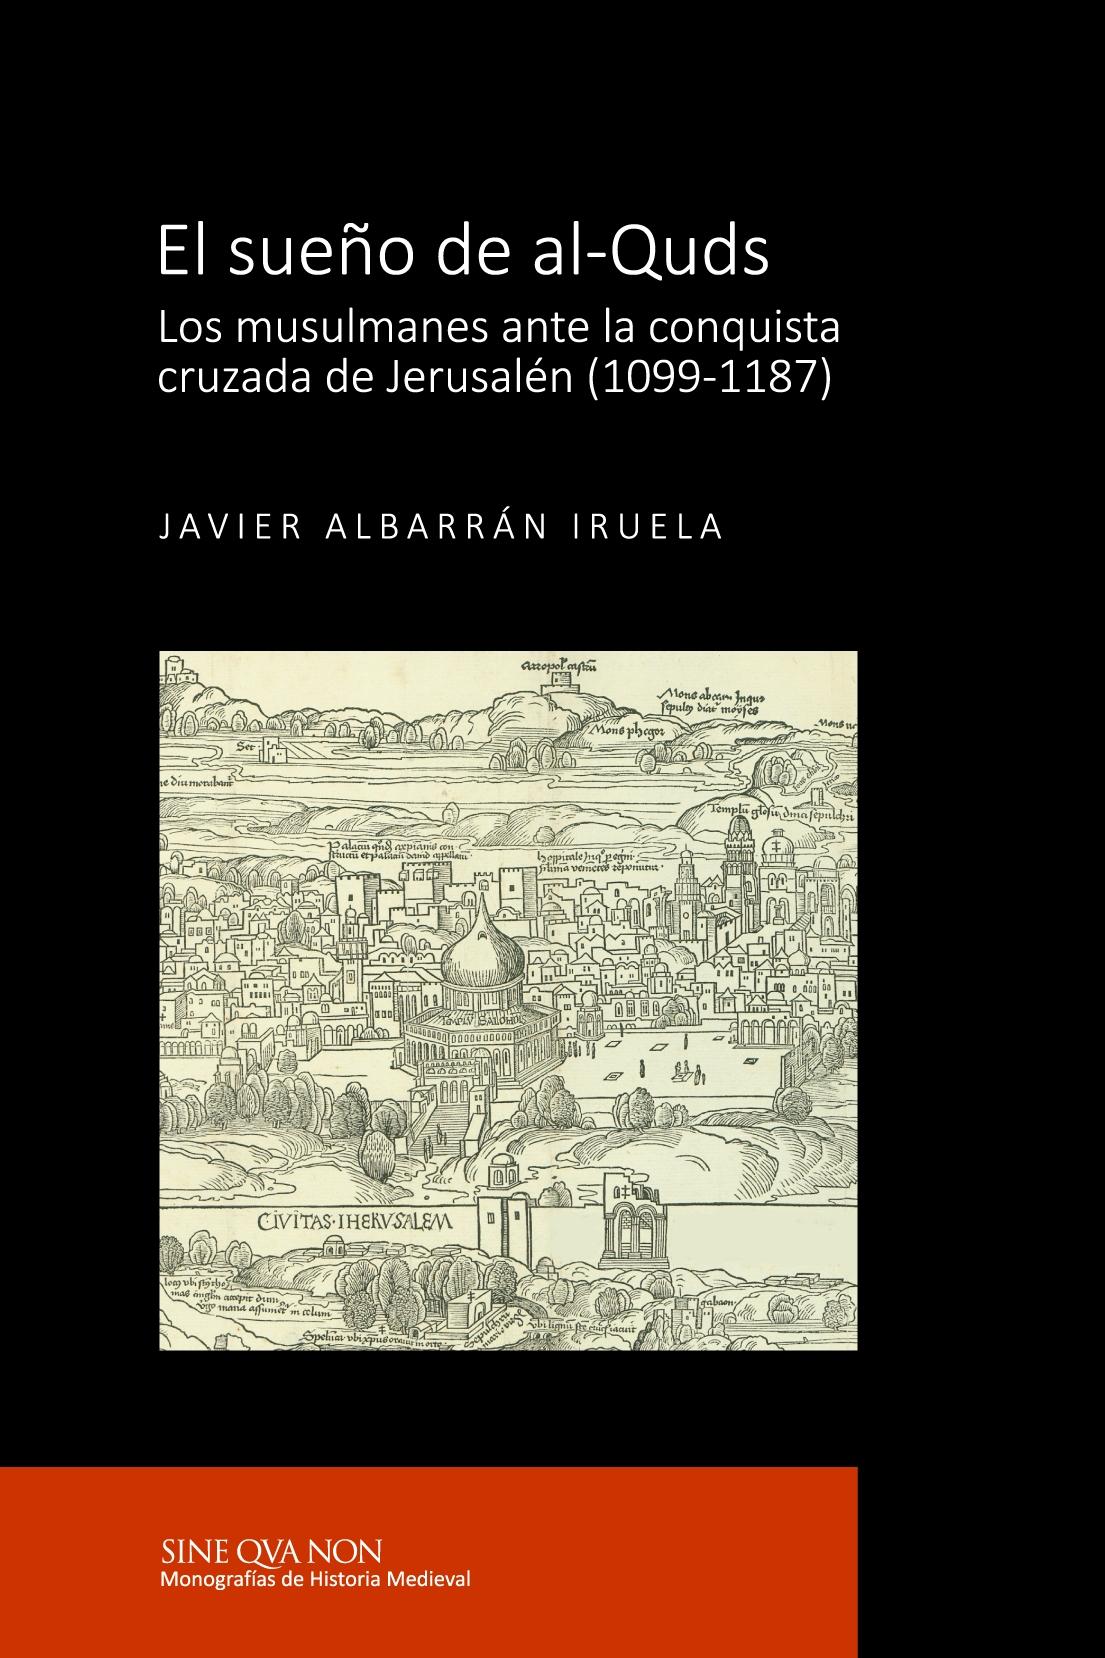 El sueño de al-Quds. Los musulmanes ante la conquista  cruzada de Jerusalén (1099-1187)